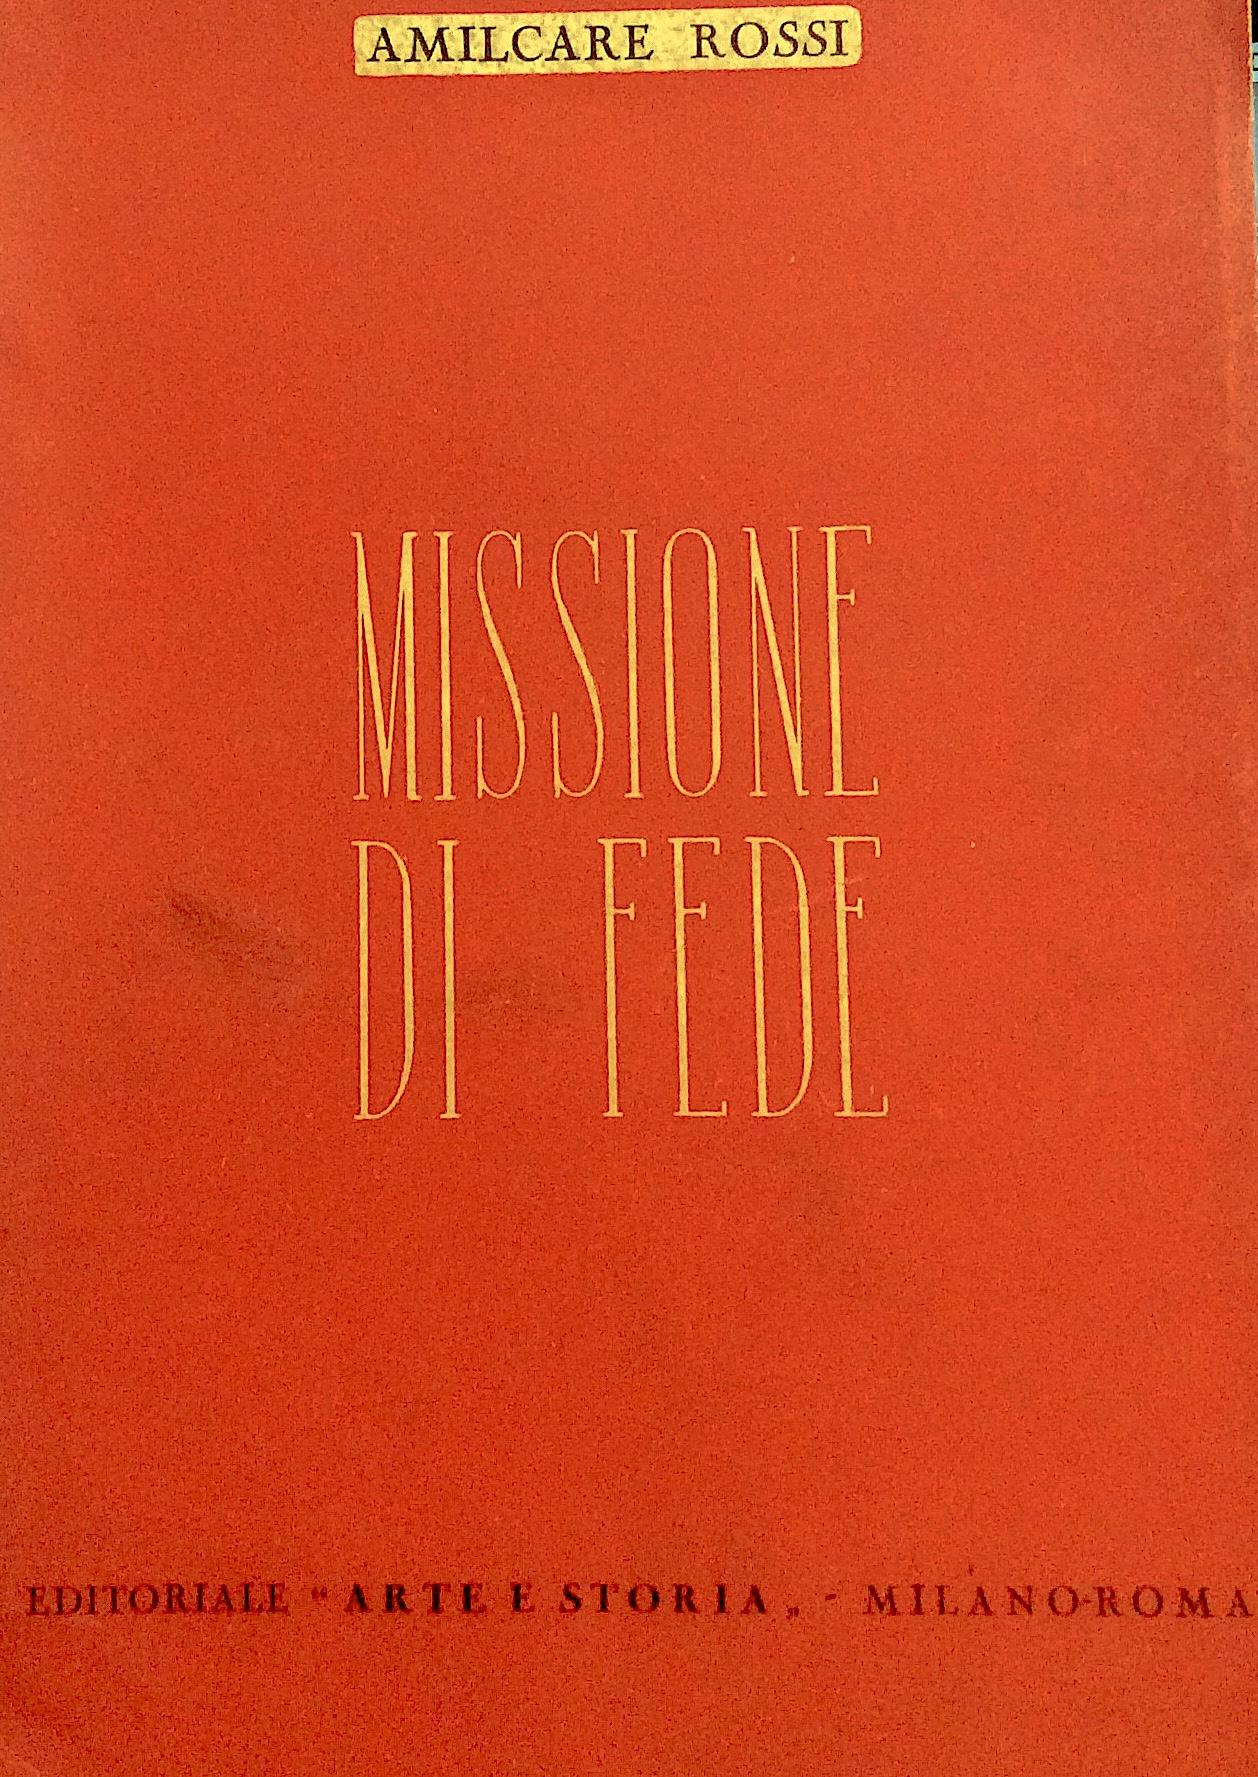 Missione di fede